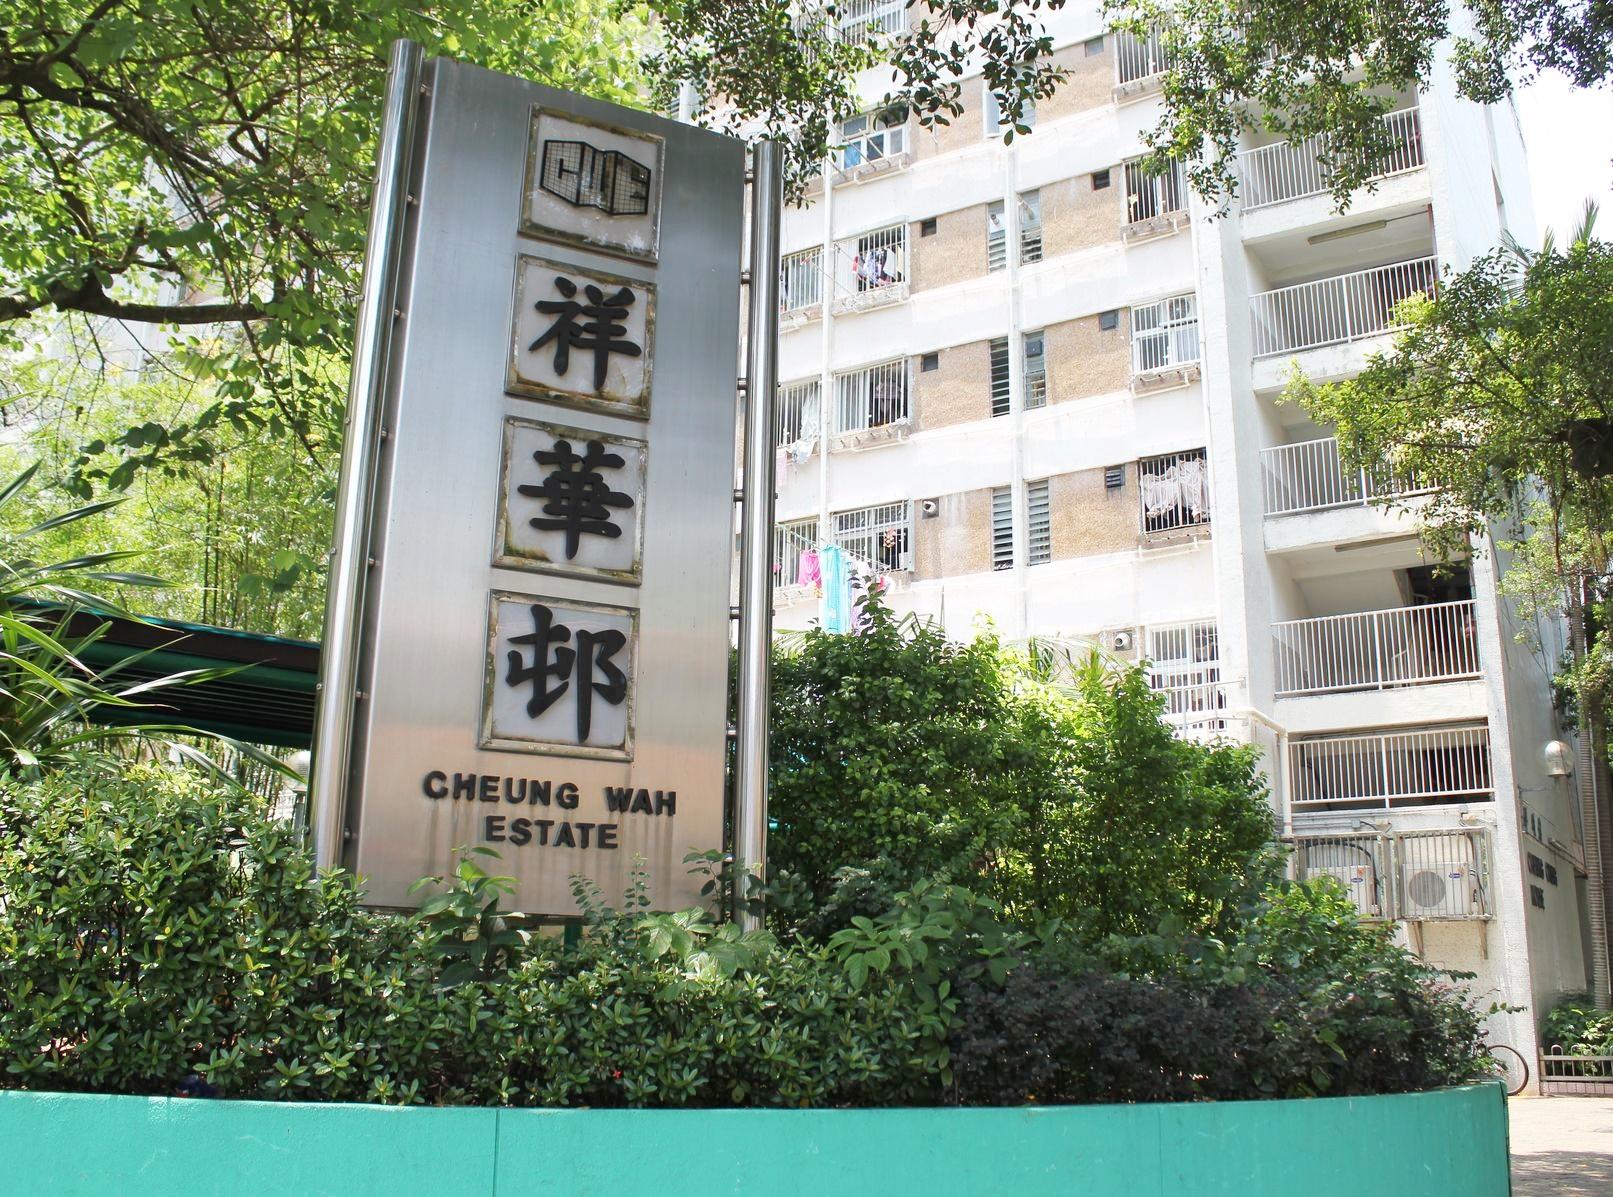 祥華邨冬菇亭一間餐廳發生盜竊案。 資料圖片